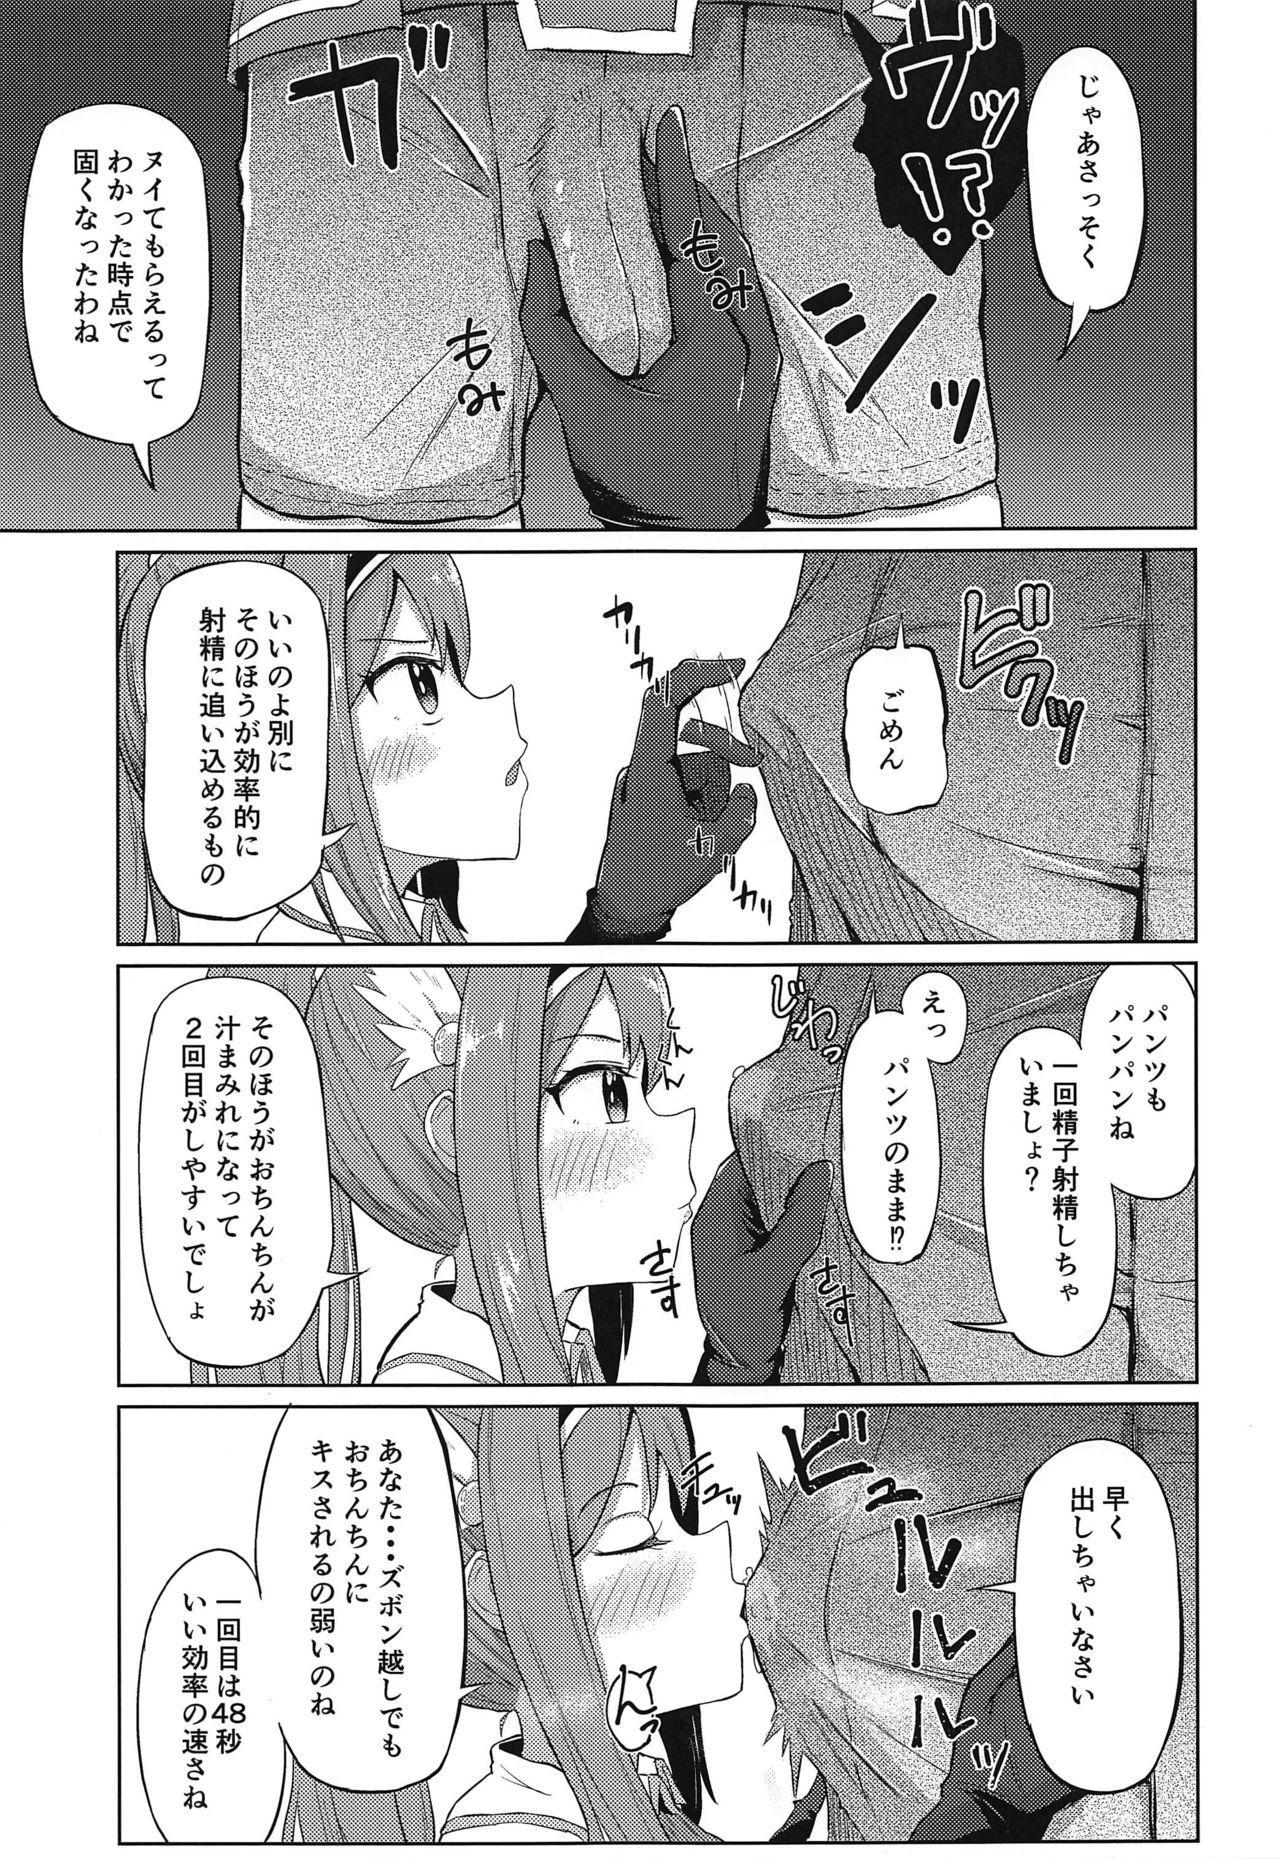 Guild no Tsugoujou Shikatanaku Mercurius Zaidan ga Ochinchin no Osewa o Shite Kureru Hon 3